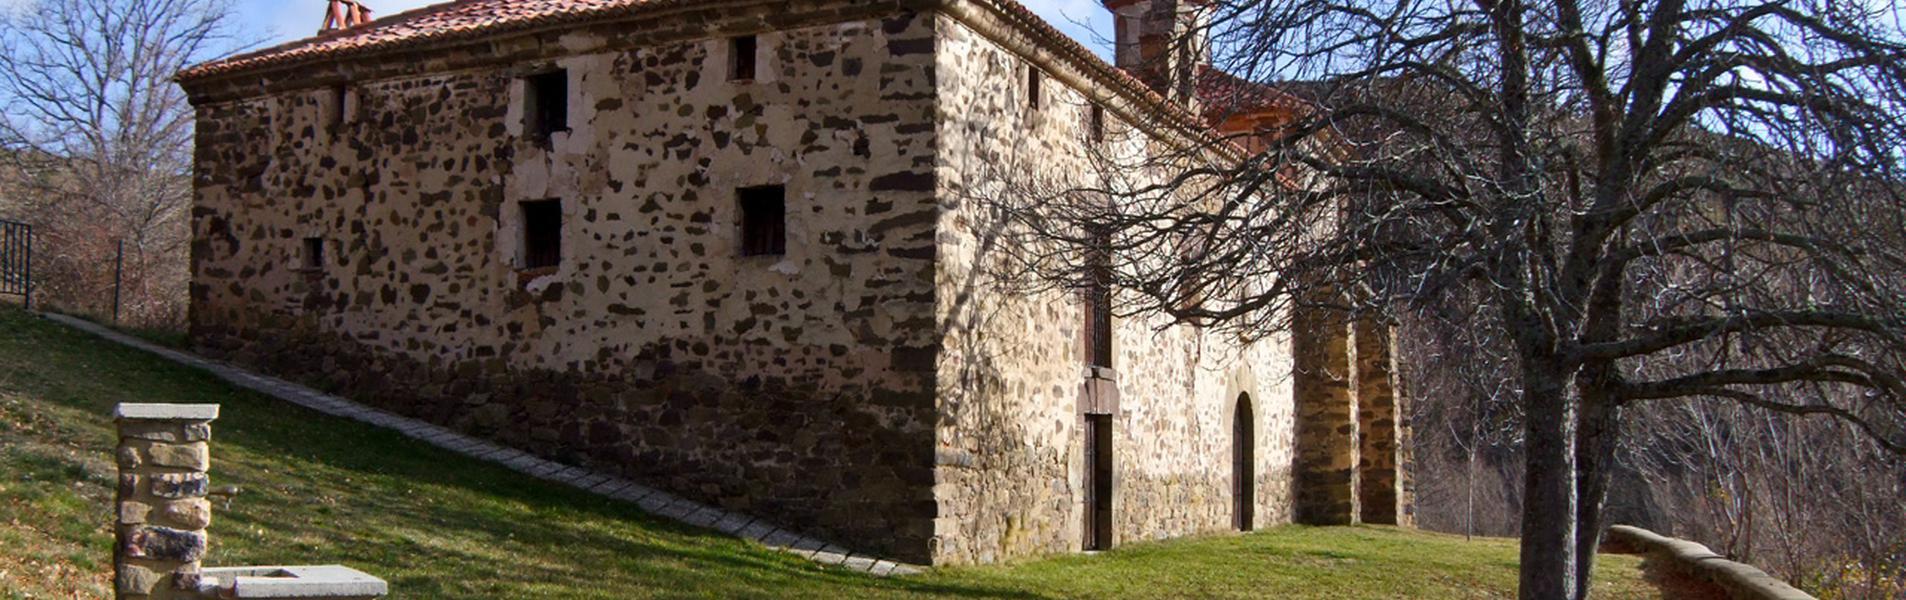 Muro en Cameros